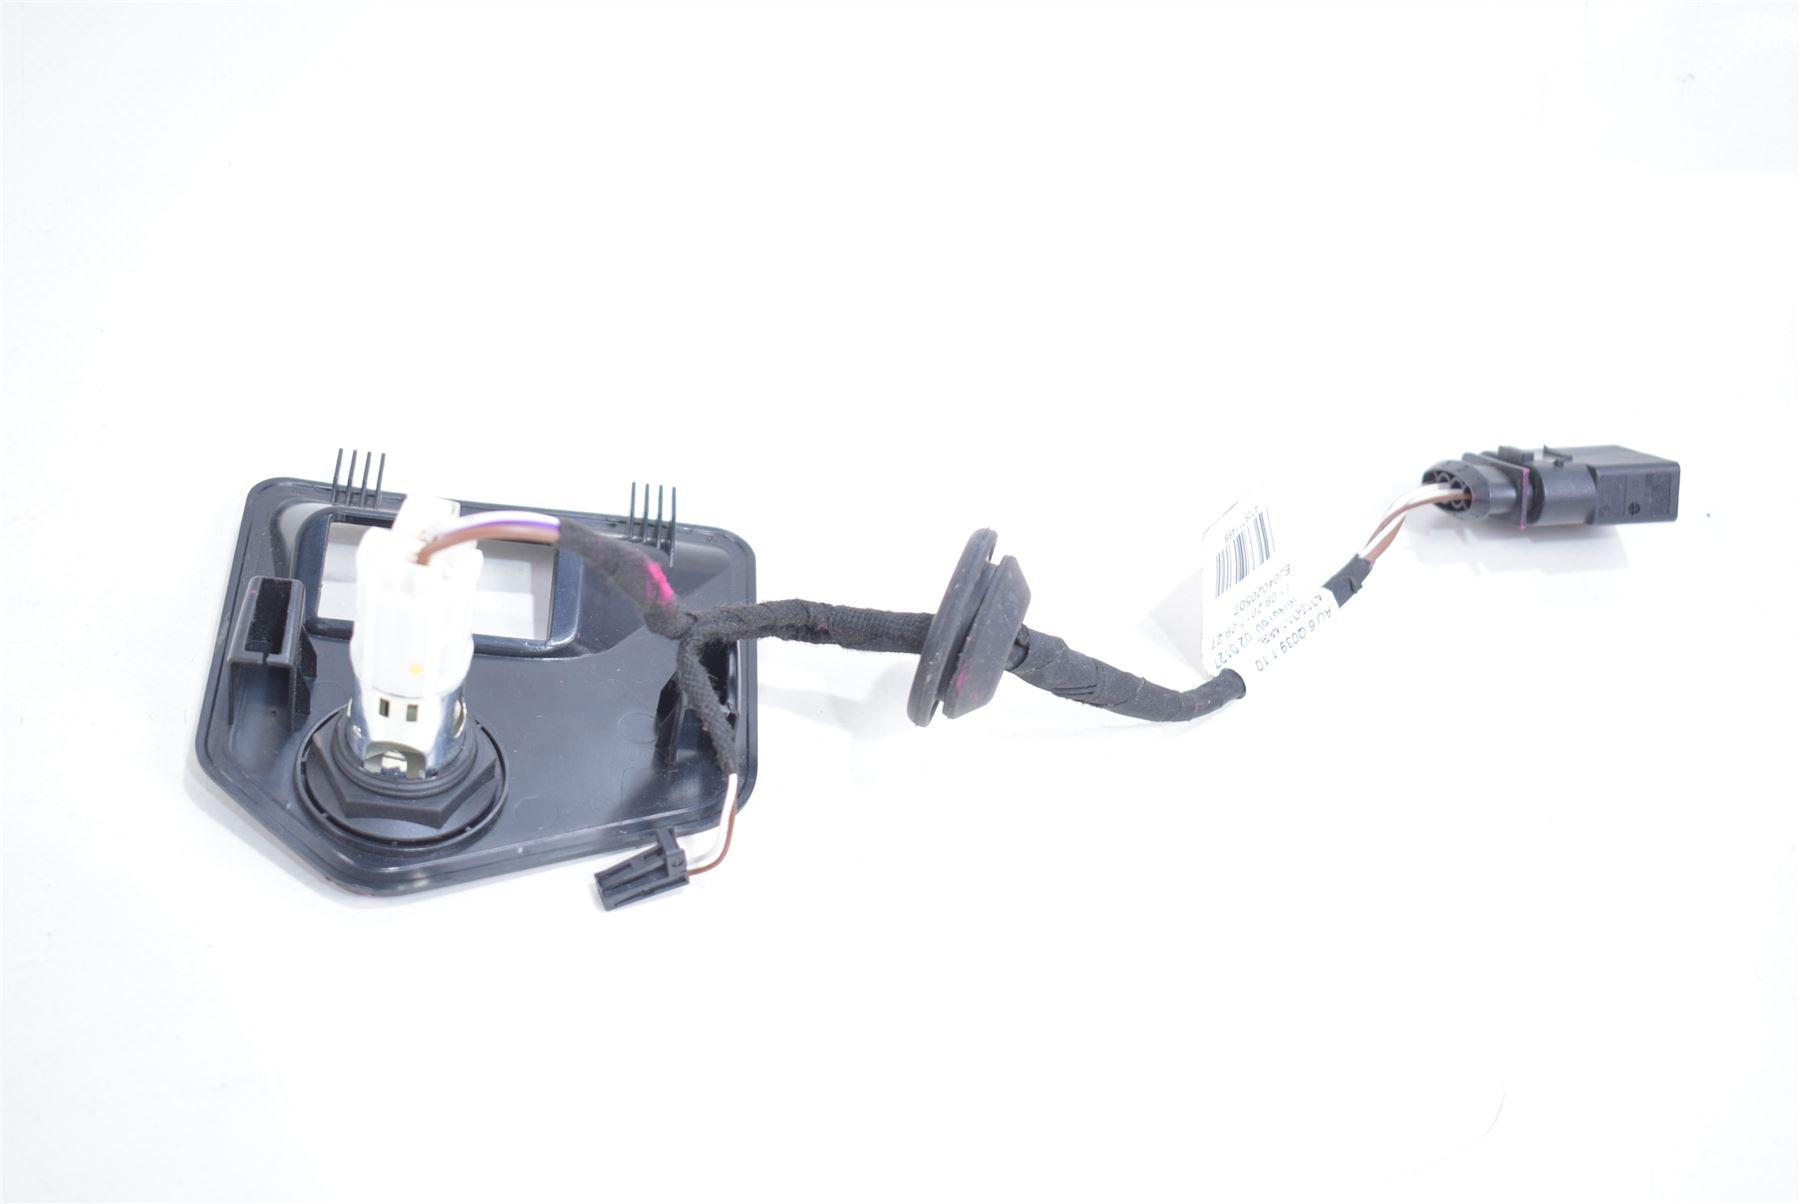 TESLA MODEL S 2012-2016 PRE-LIFT FRONT BUMPER SENSOR WIRING LOOM 1004420-94-P